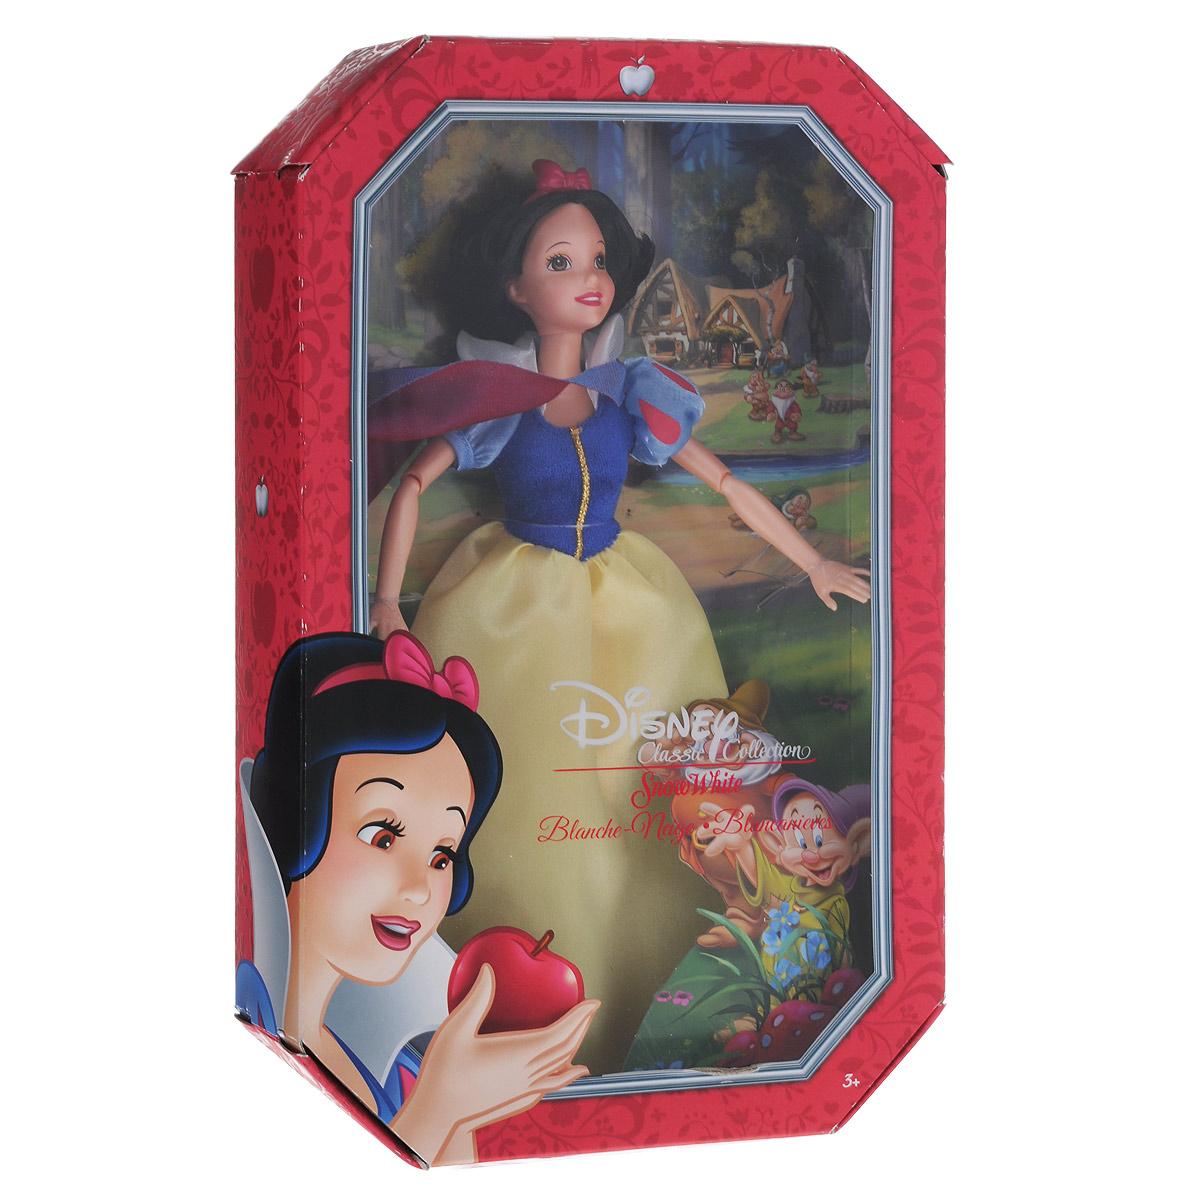 Disney Princess Кукла Принцесса БелоснежкаBDJ26(BDJ27/BDJ28/BDJ29)Кукла Disney Princess Принцесса Белоснежка поможет вашей малышке окунуться в сказочный мир. Очаровательная куколка выполнена в виде героини диснеевского мультфильма Белоснежка и 7 гномов. У куколки короткие черные волосы, большие глаза и сияющая улыбка. Одета куколка в шикарное длинное платье с голубым верхом, покрытым блестками, и желтой пышной юбкой, на ногах у нее красные блестящие туфельки, а на голове - прекрасная диадема. У платья пластиковый верх. Ваша малышка с удовольствием будет играть с этой куколкой, проигрывая сюжеты из мультфильма или придумывая различные истории. Игры с куклой способствуют эмоциональному развитию ребенка, а также помогают формировать воображение и художественный вкус. Малышка проведет множество счастливых часов, играя с очаровательной принцессой. Великолепное качество исполнения делают эту игрушку чудесным подарком к любому празднику.